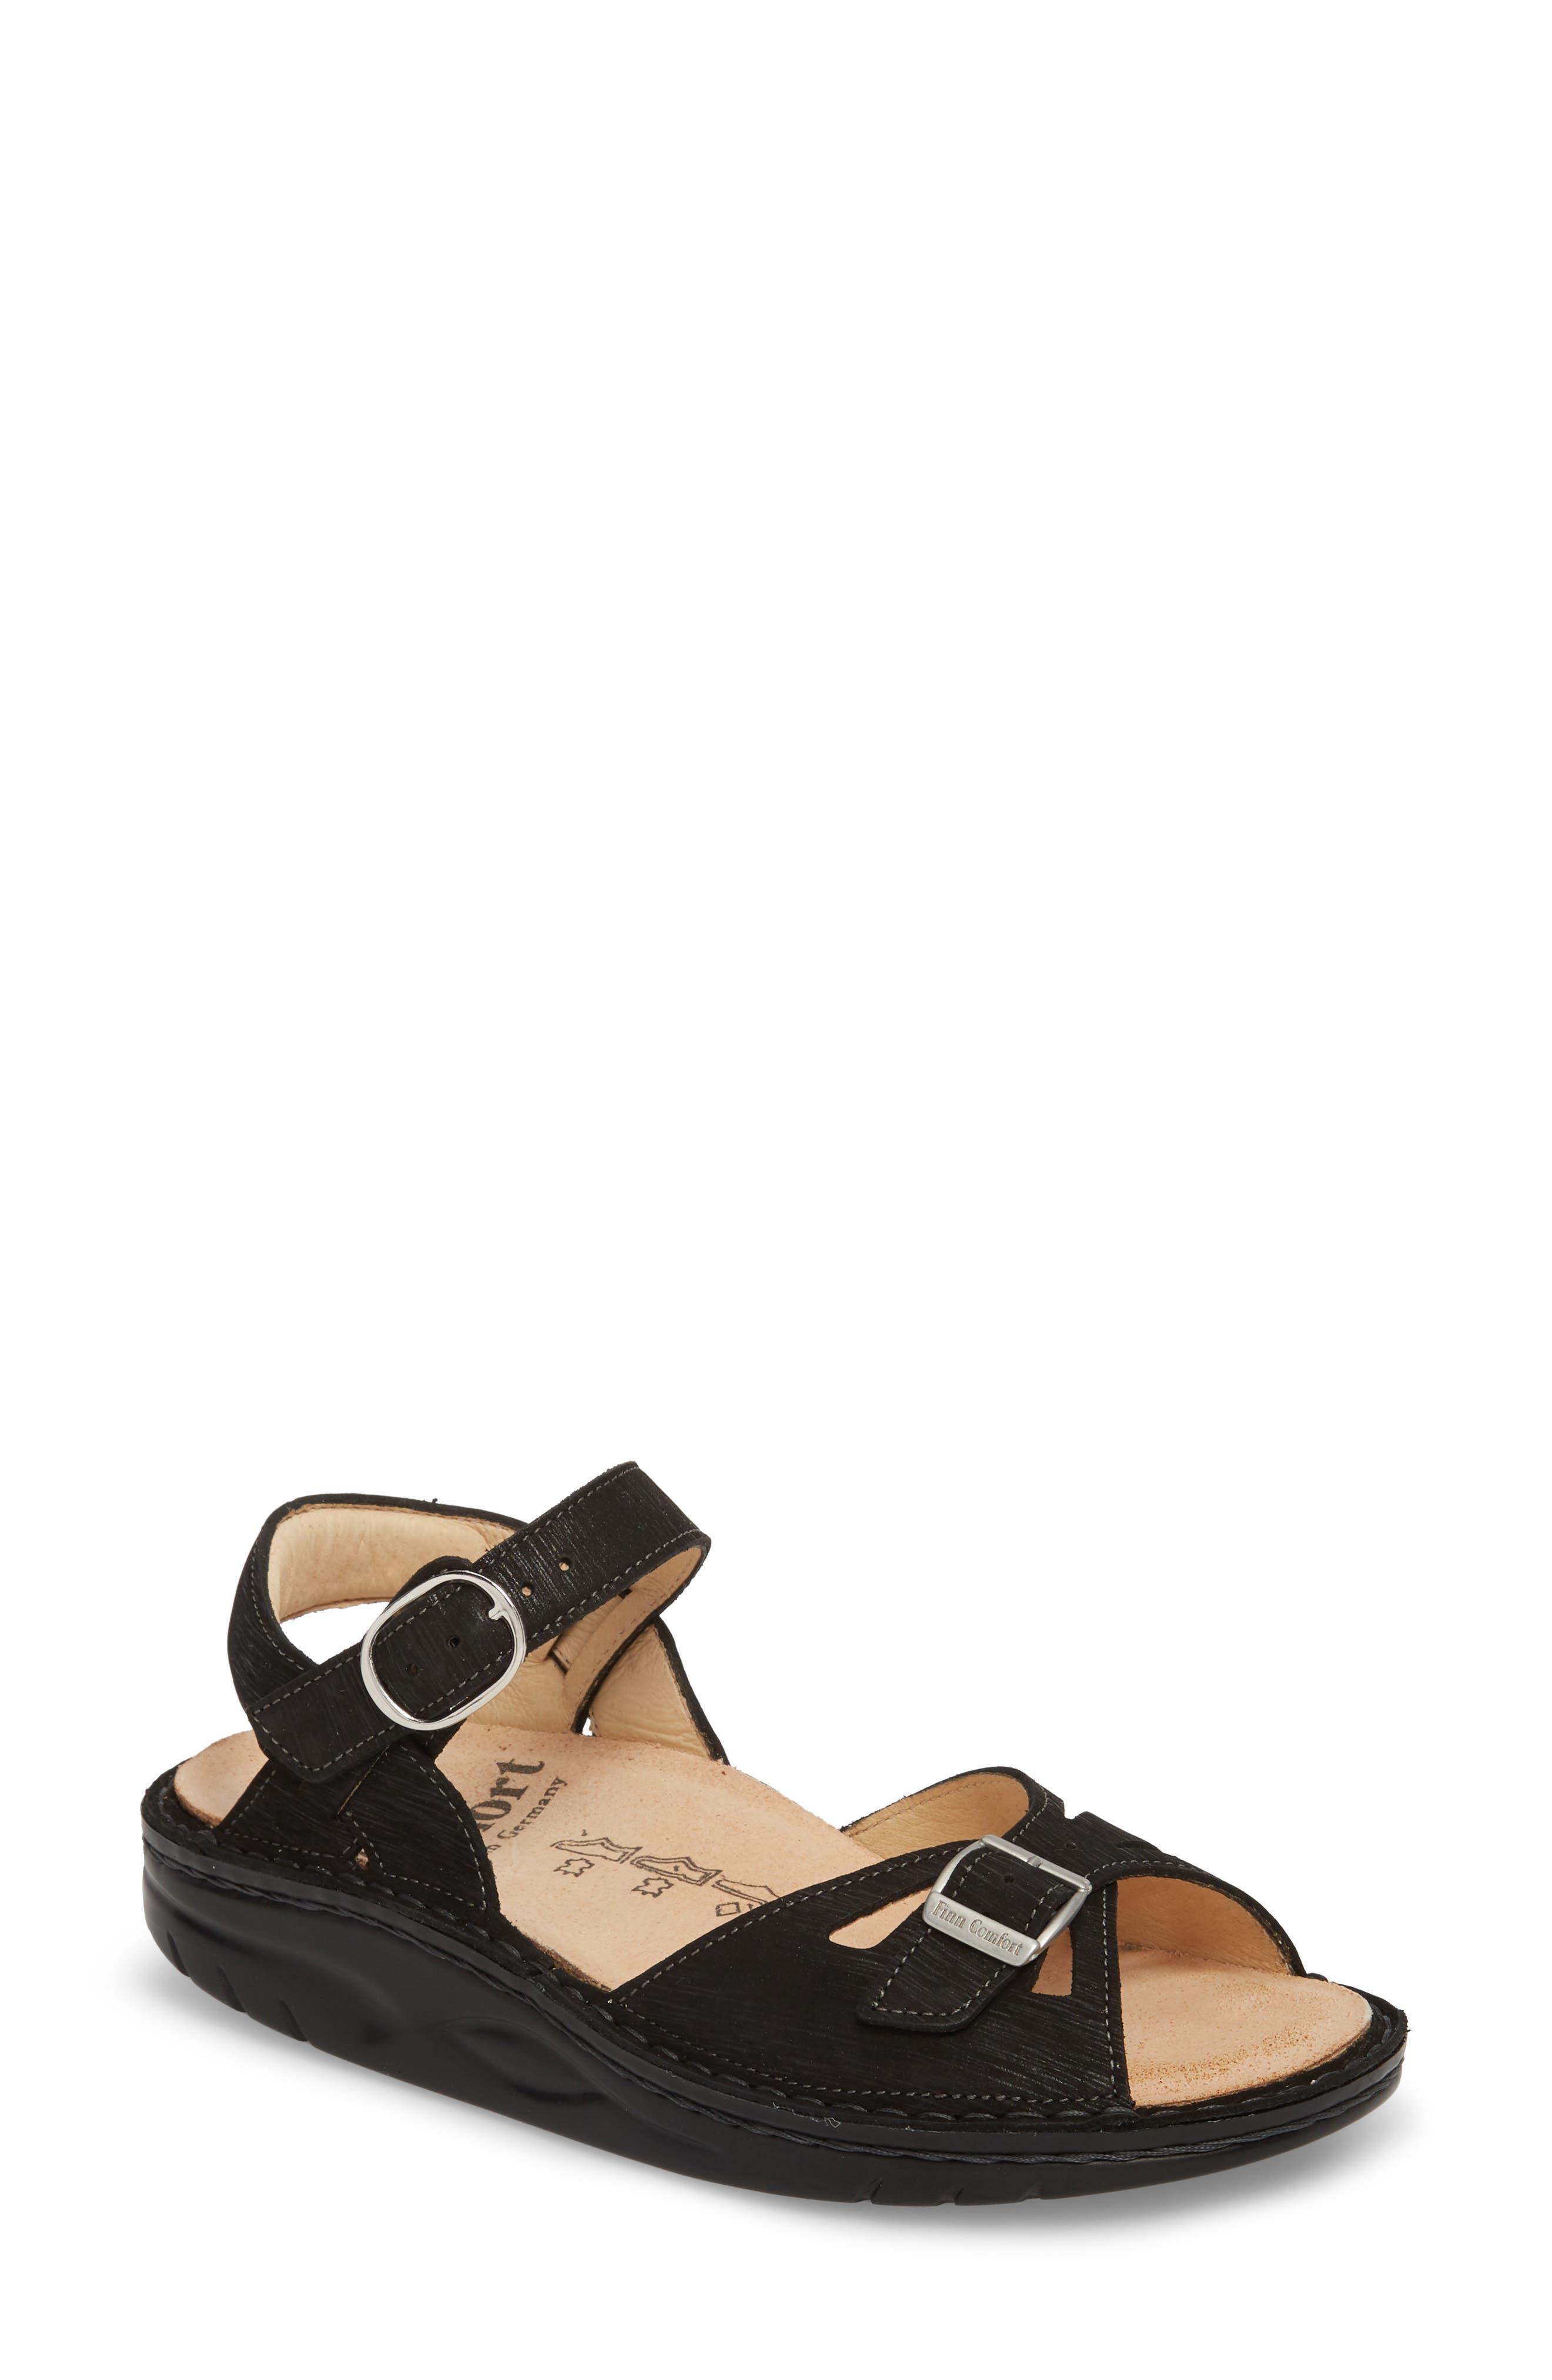 FINN COMFORT Motomachi Sandal, Main, color, 001